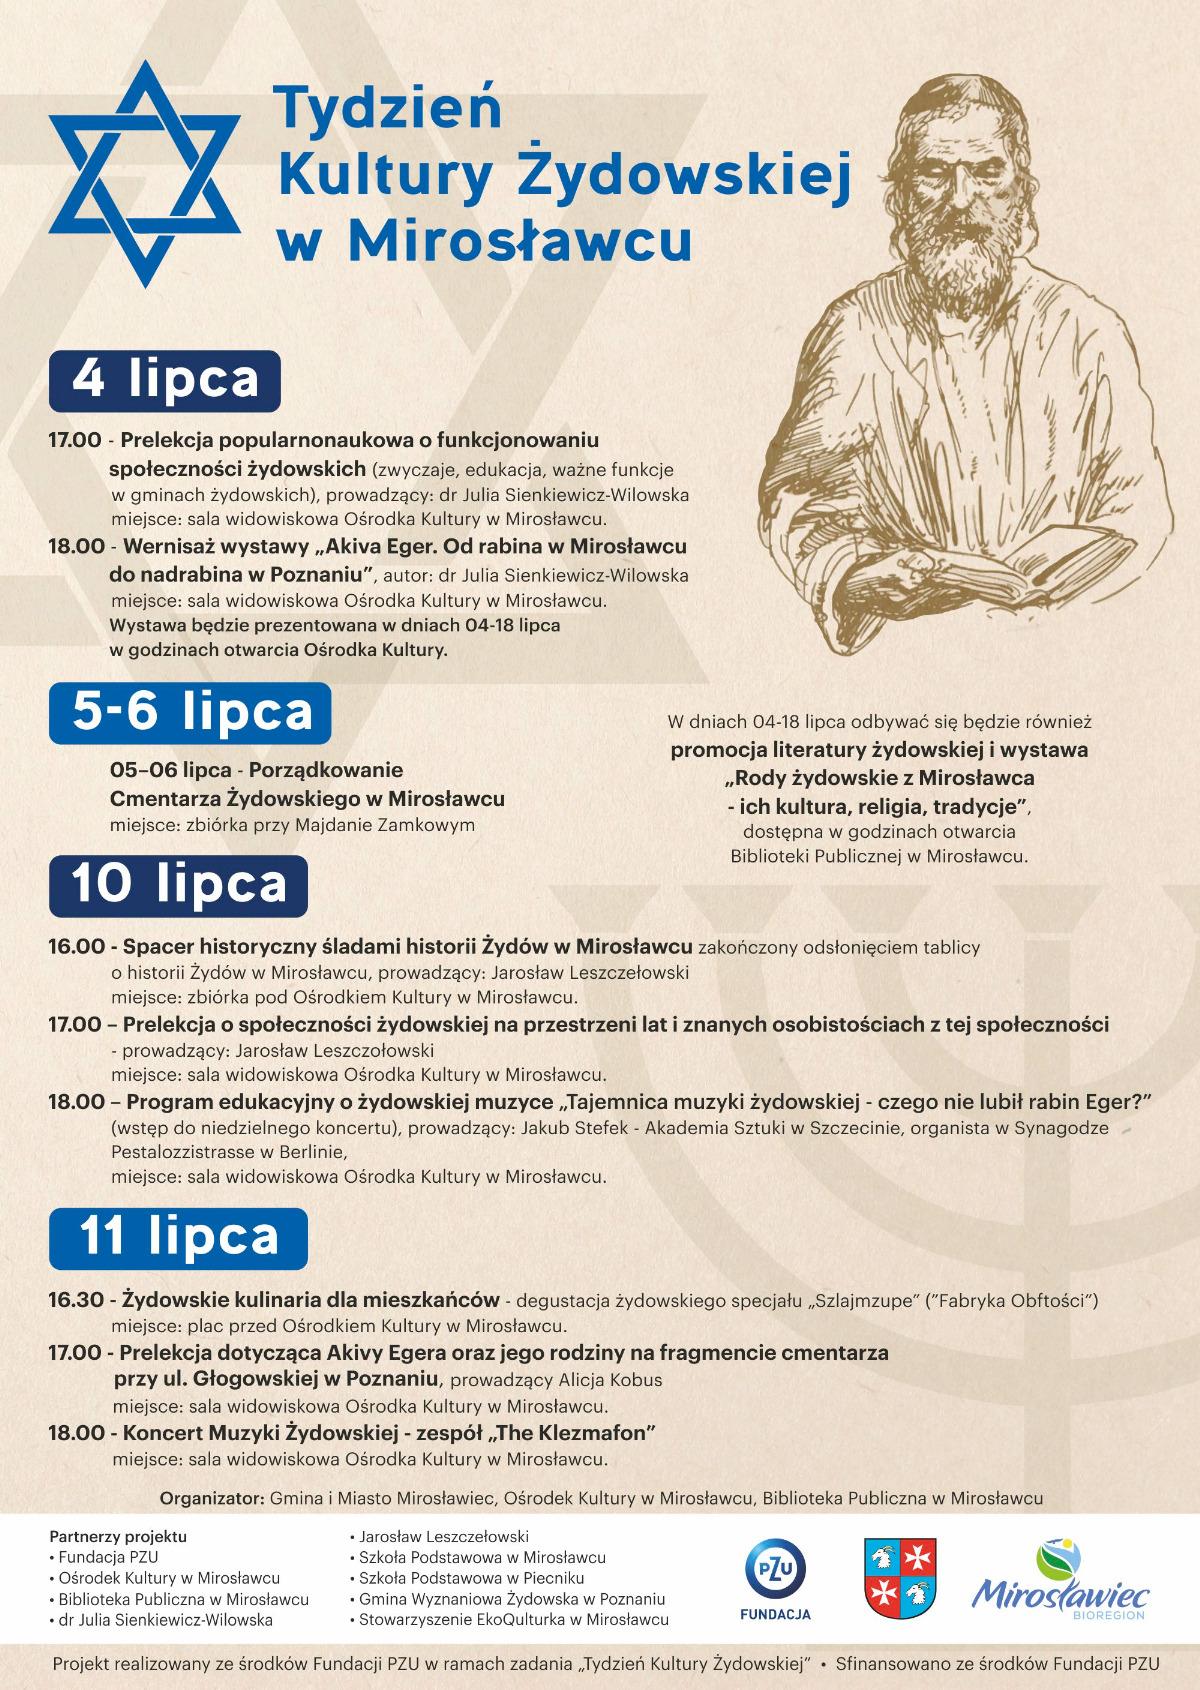 Tydzień Kultury Żydowskiej w Mirosławcu